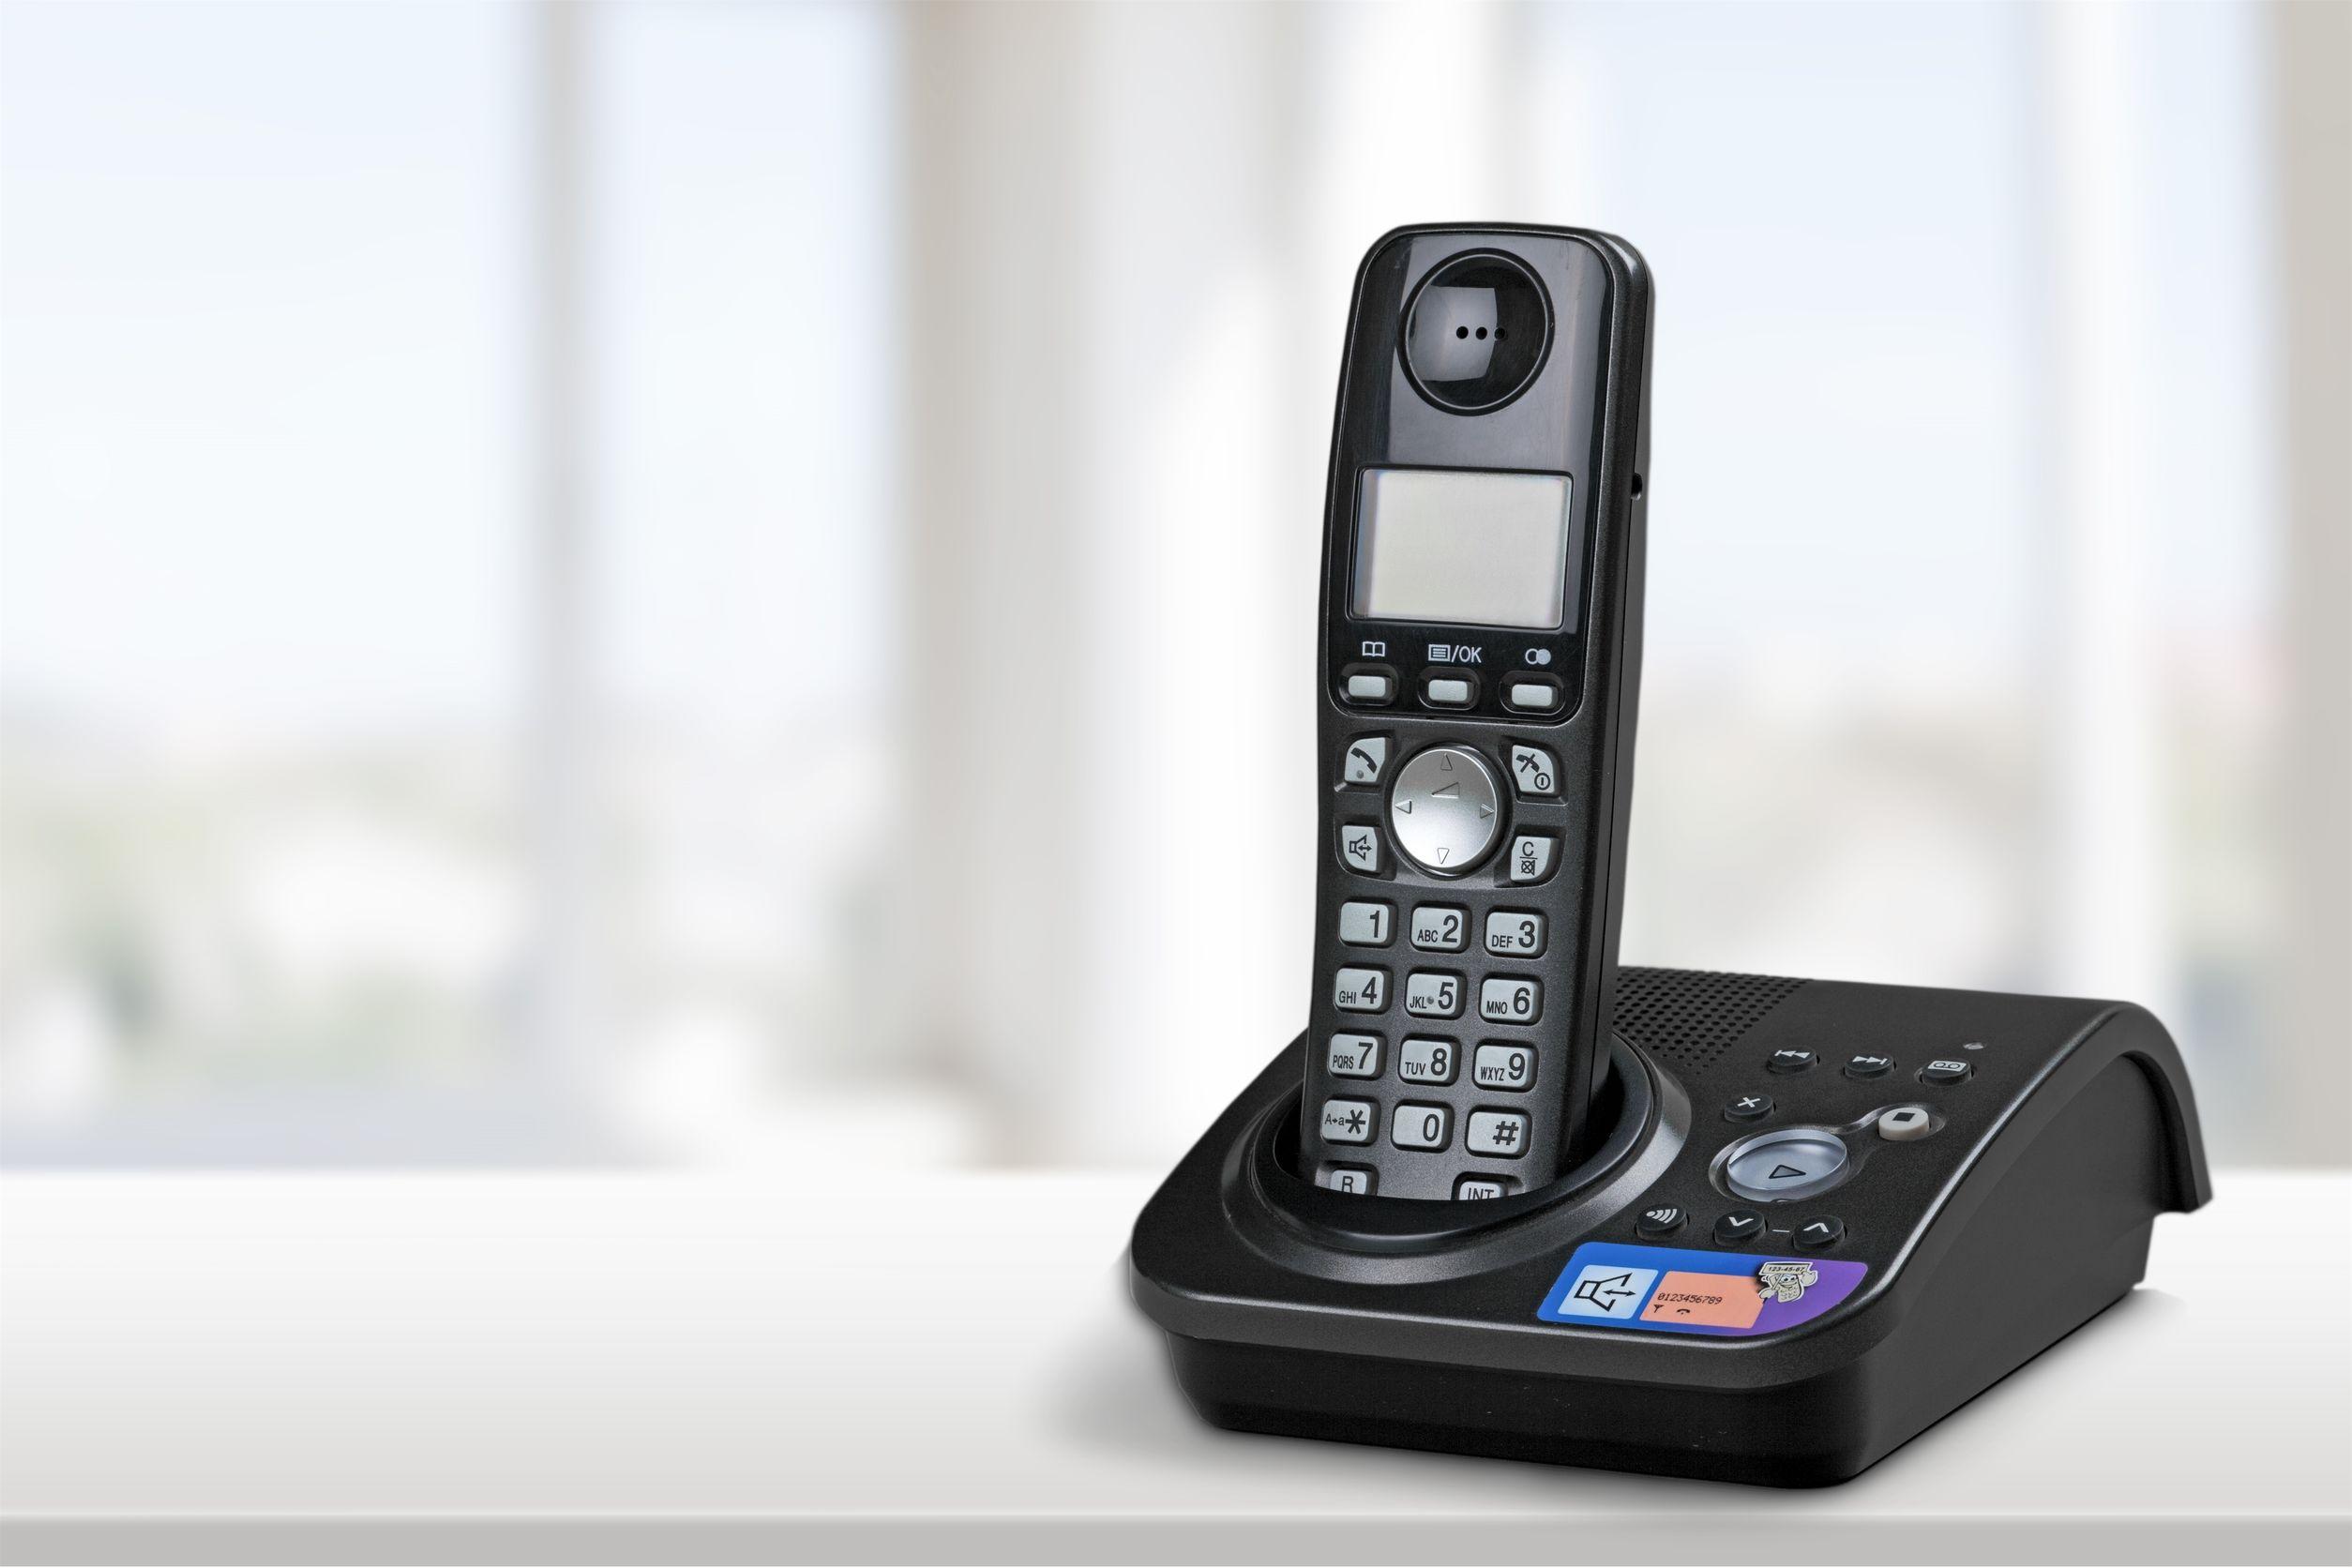 Telefone sem fio com ramal: Escolha o melhor modelo em 2021